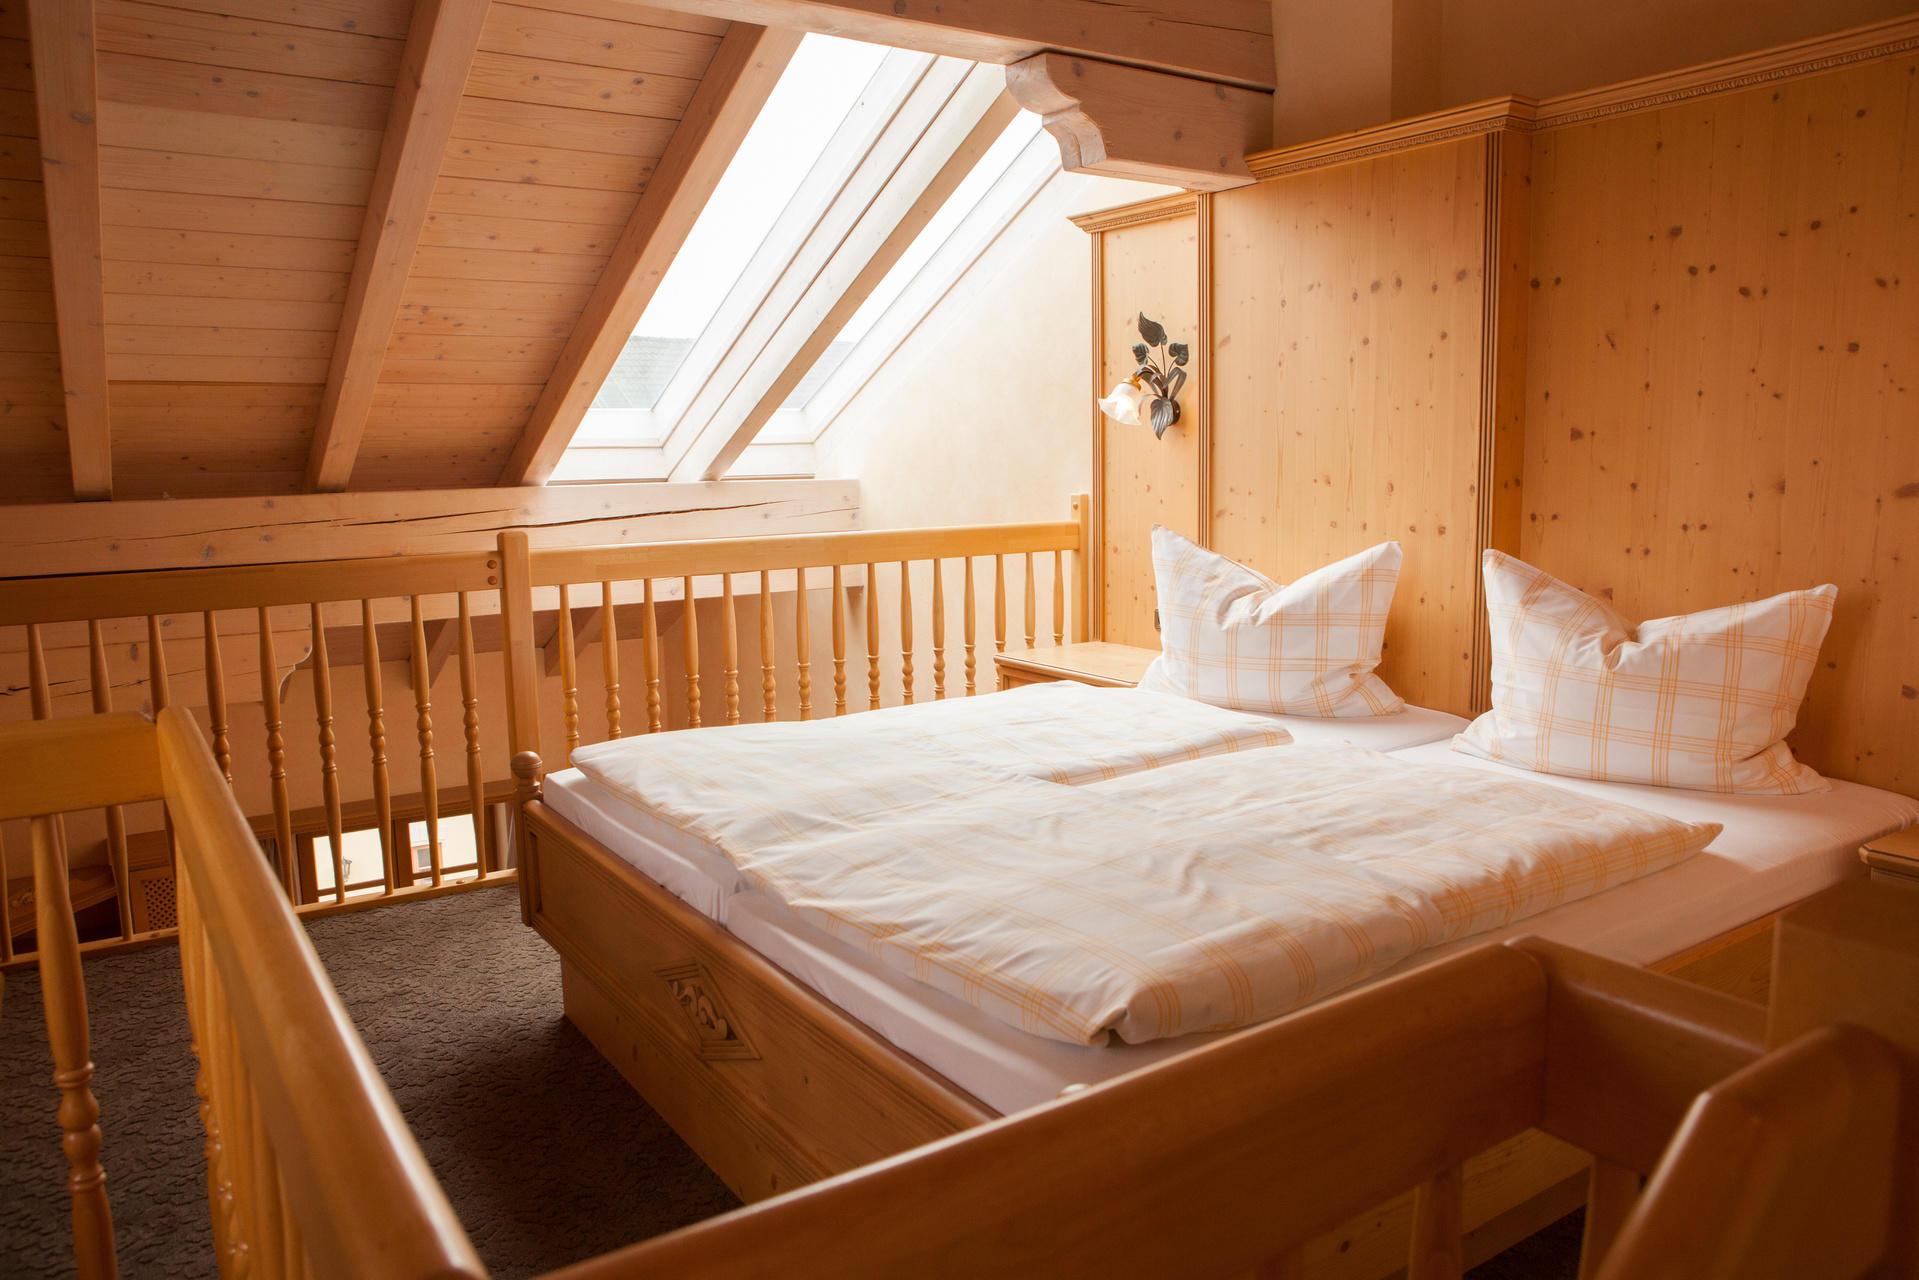 4 sterne hotel happinger hof rosenheim hotels chiemsee